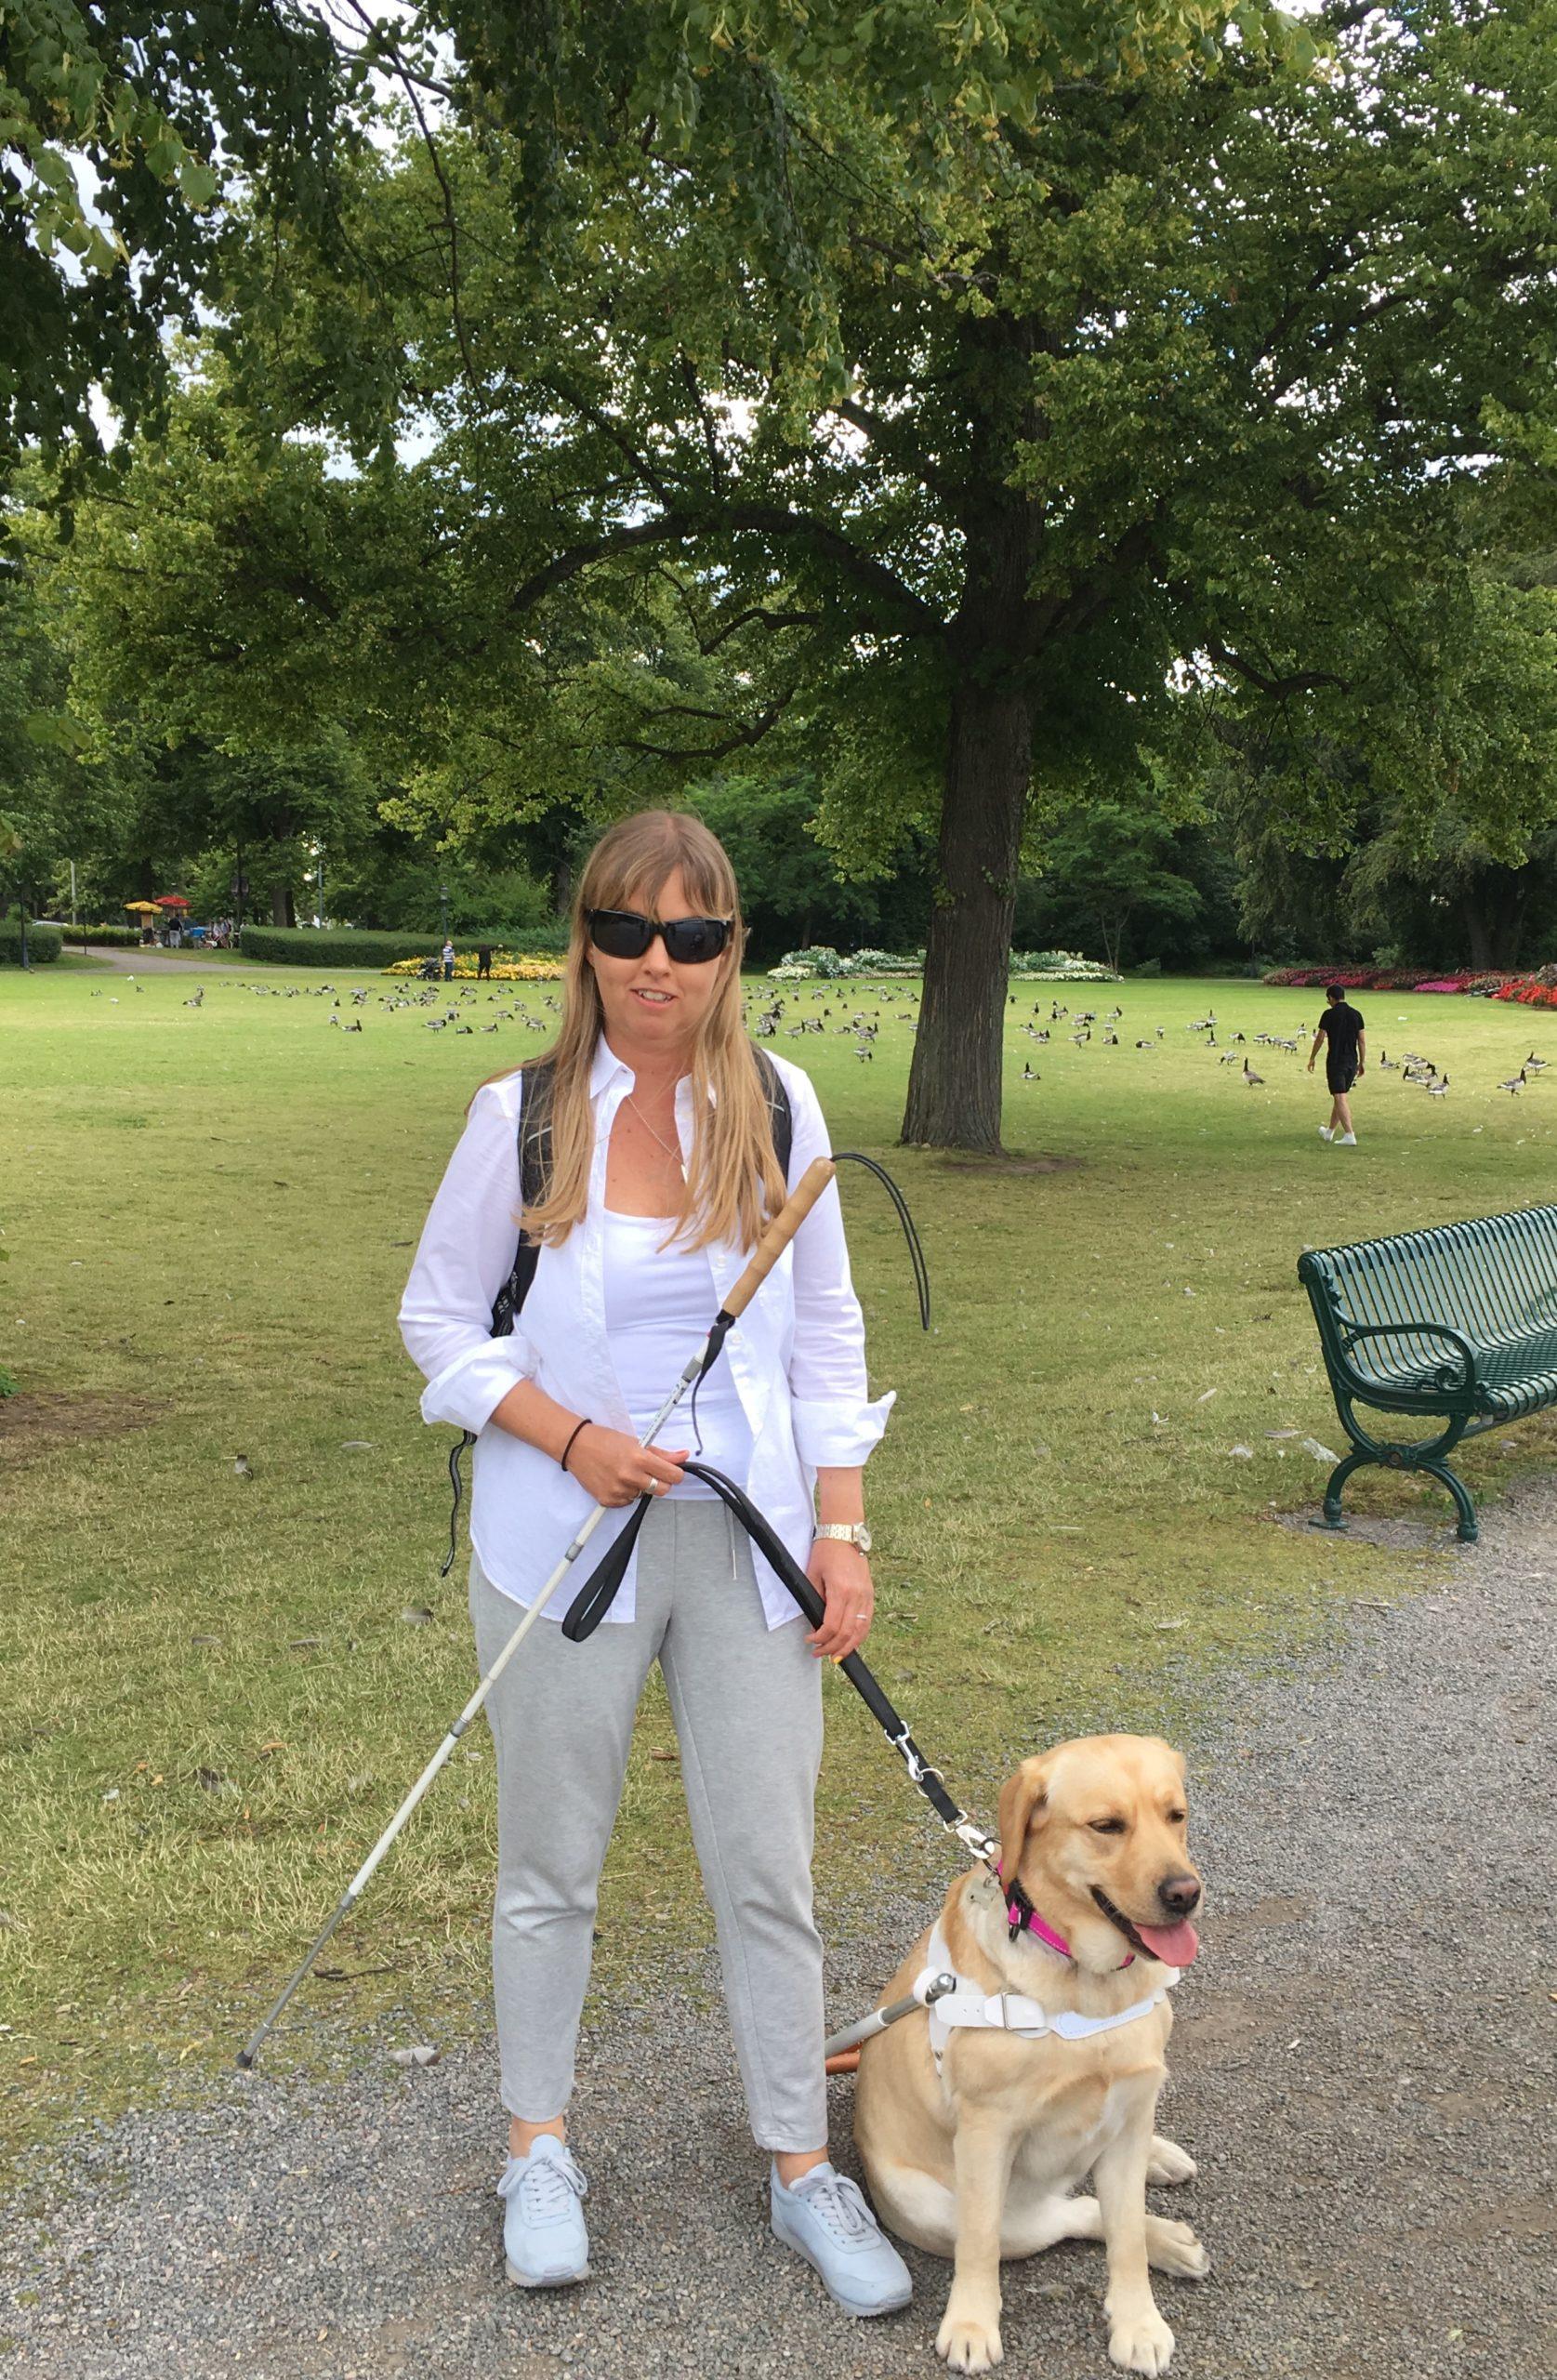 Jag promenrandes med min ledarhund, en ljus labrador iklädd vit sele. I bakgrunden syns en stor park och ett stort träd. På marken går cirka 100 fåglar bakom trädet.